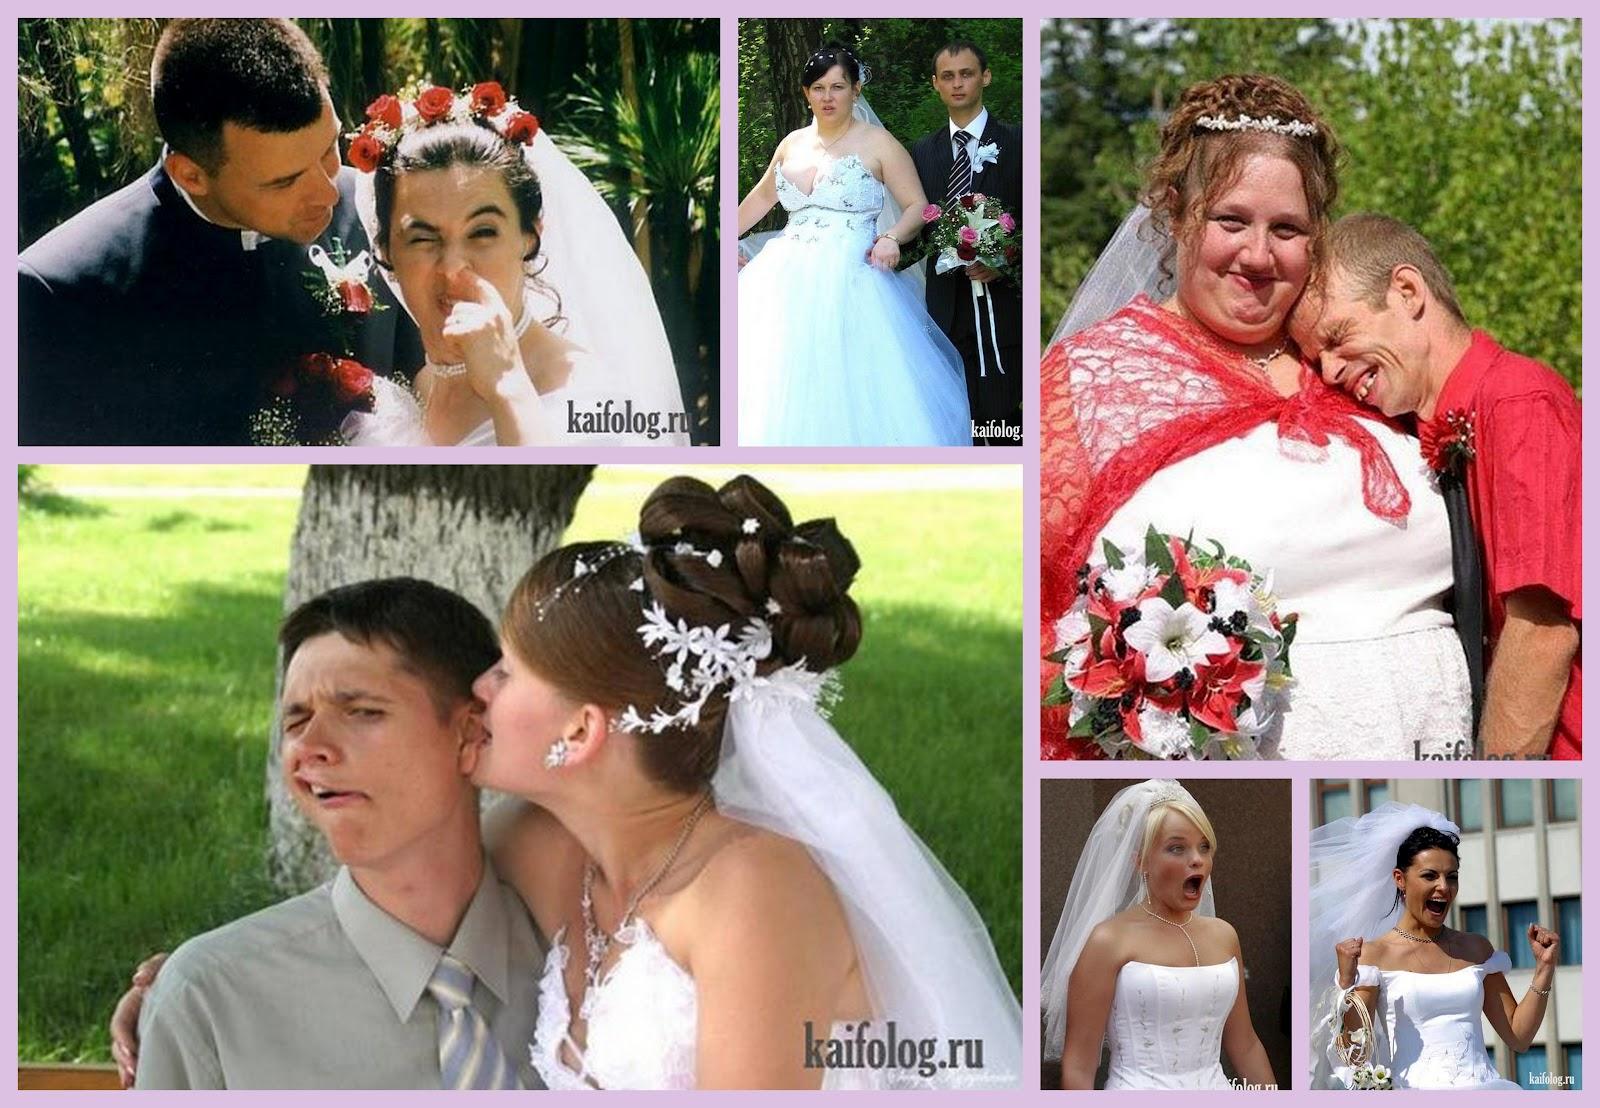 Невеста трахается перед свадьбой со свидетелем фото 194-509